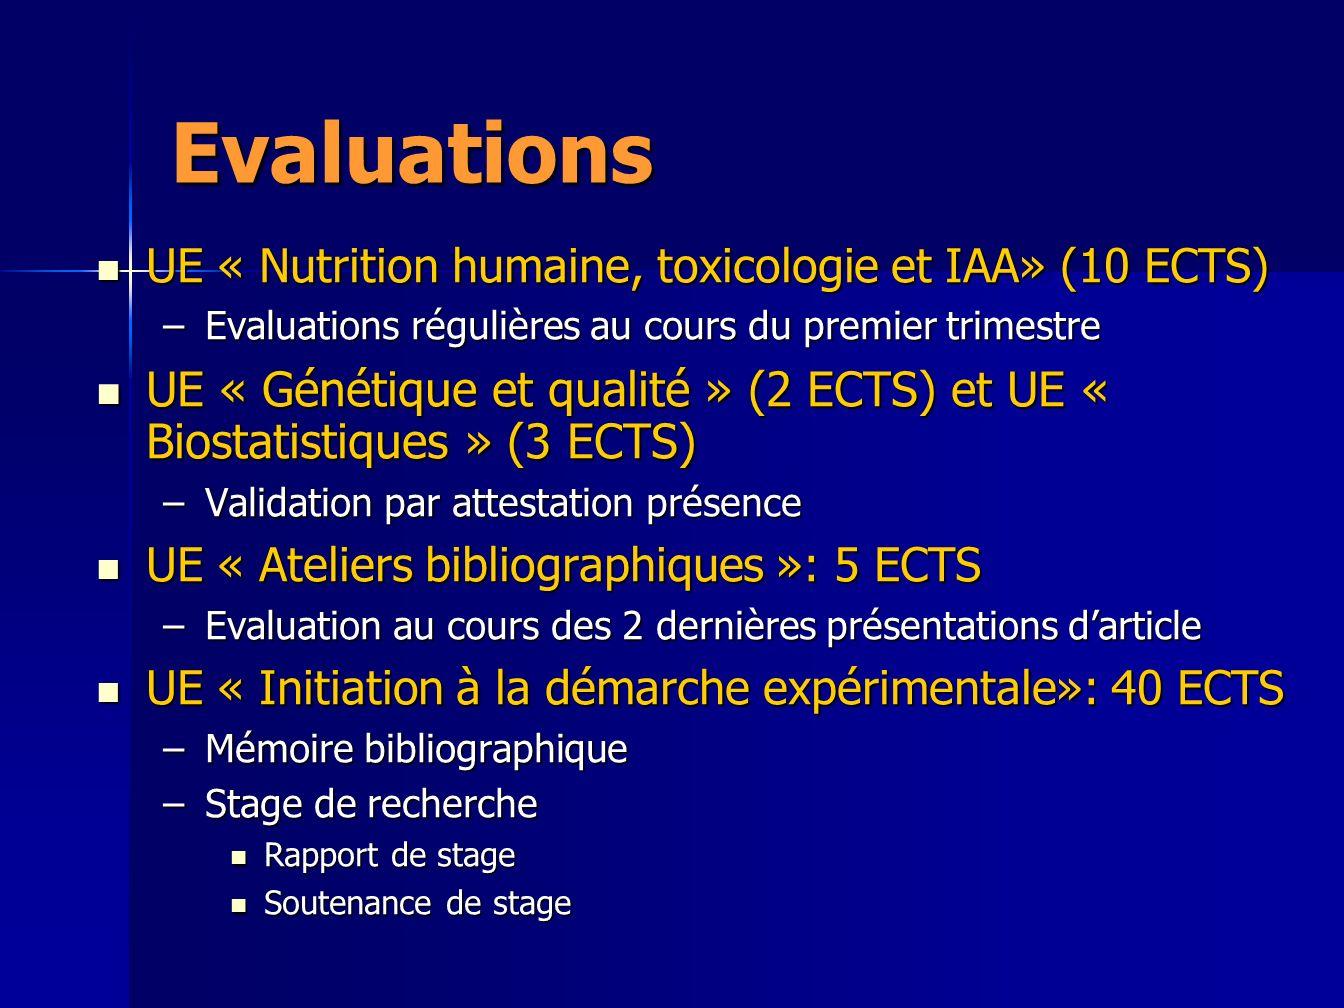 Evaluations UE « Nutrition humaine, toxicologie et IAA» (10 ECTS) Evaluations régulières au cours du premier trimestre.